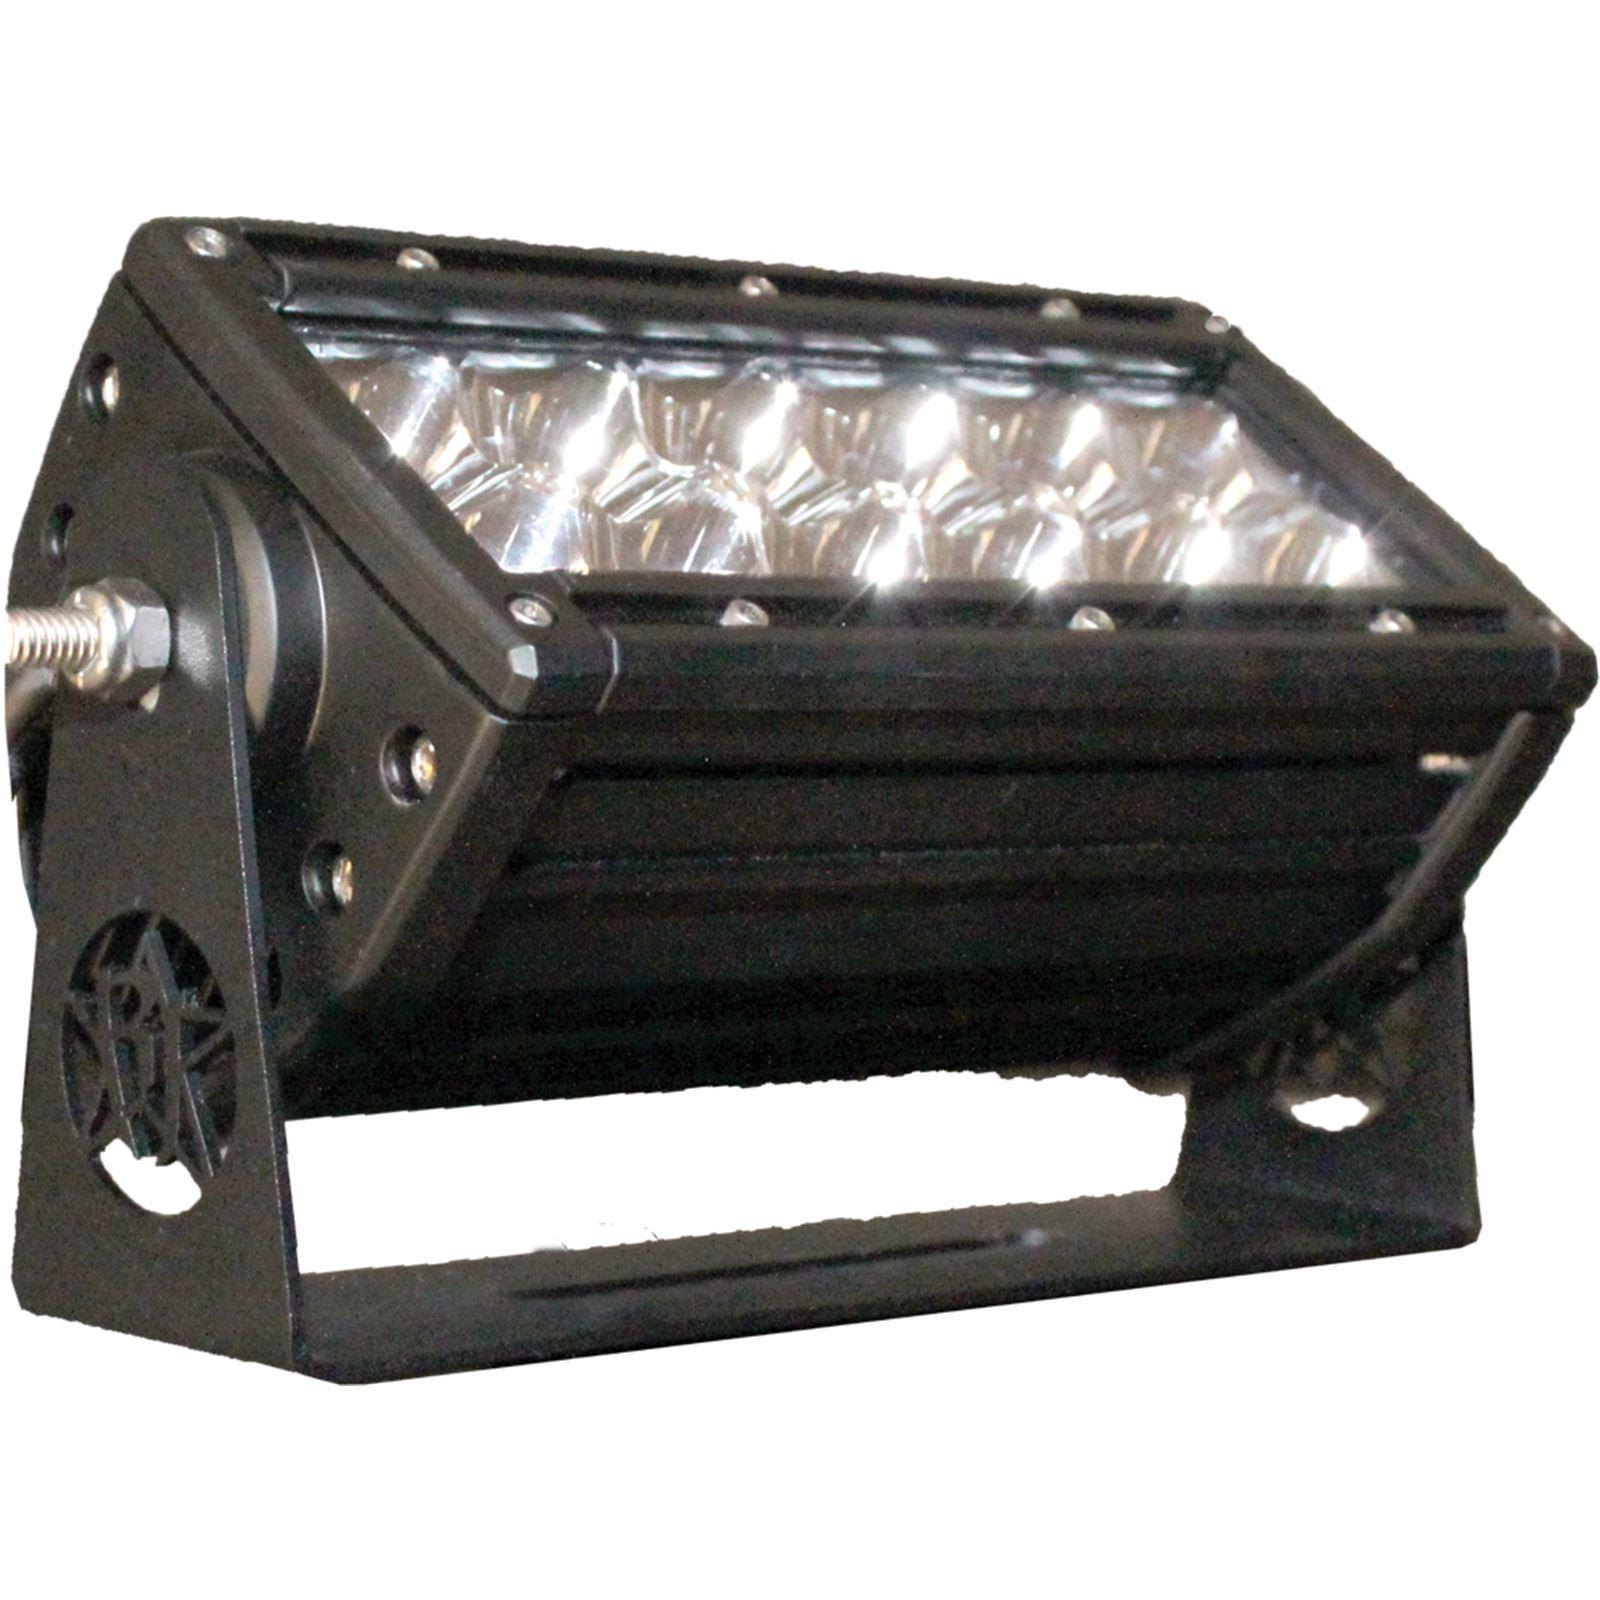 Rigid Light Bar Cradle